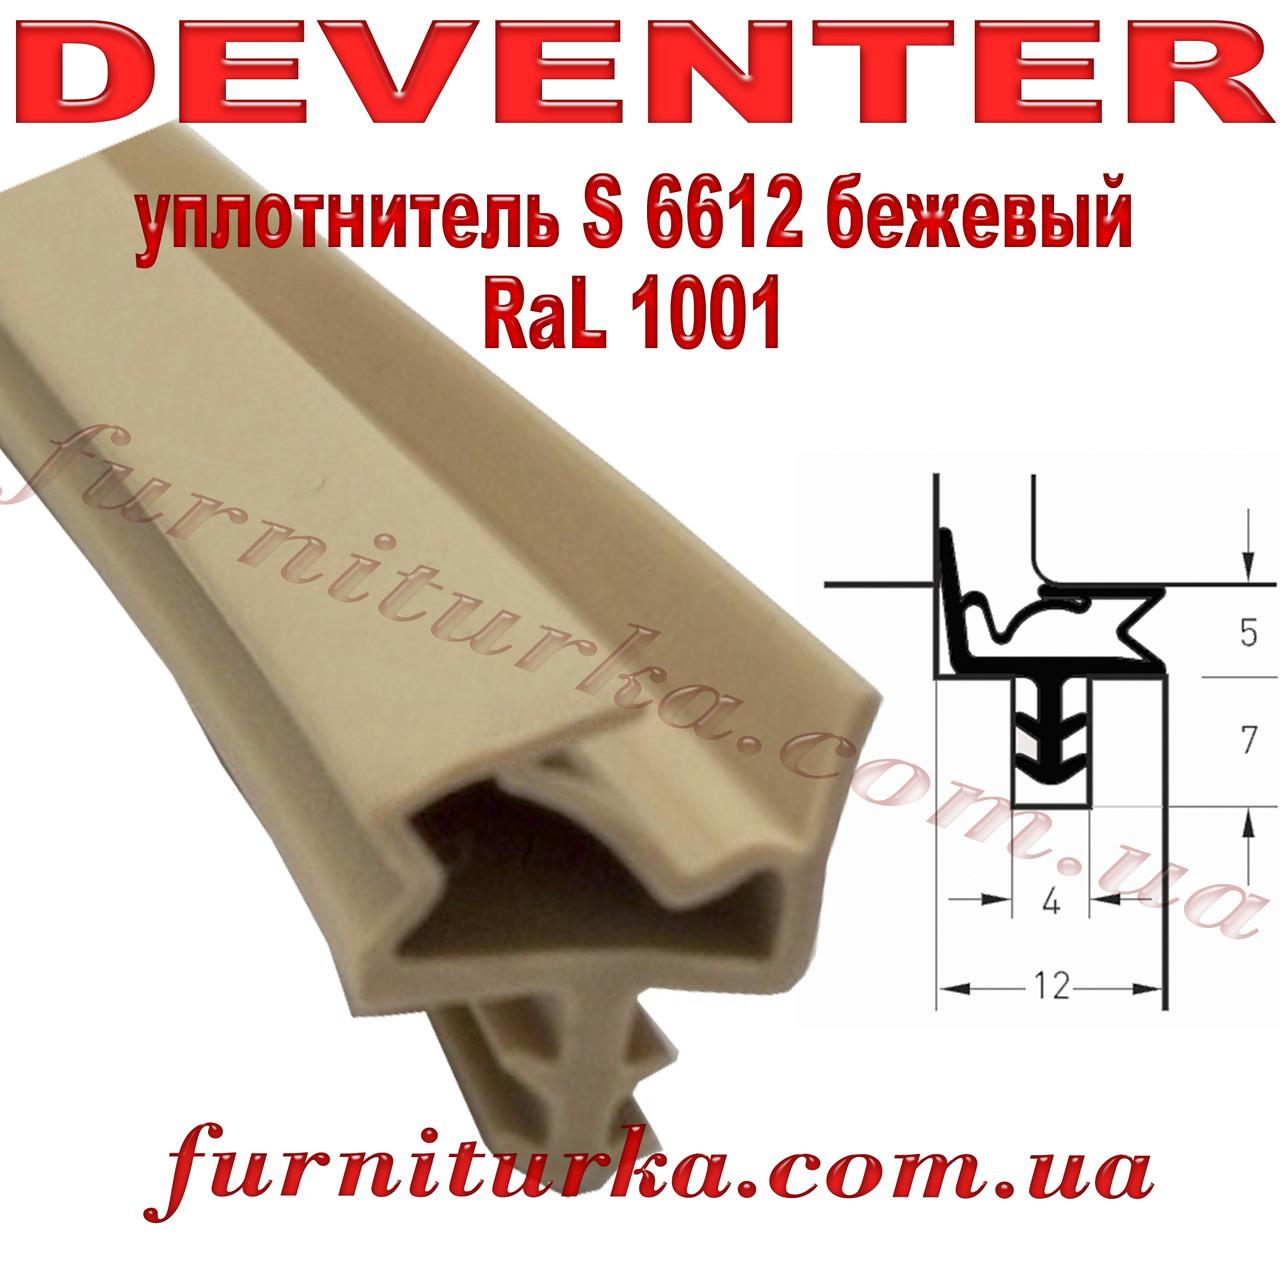 Уплотнитель дверной Deventer S 6612 бежевый RaL1001